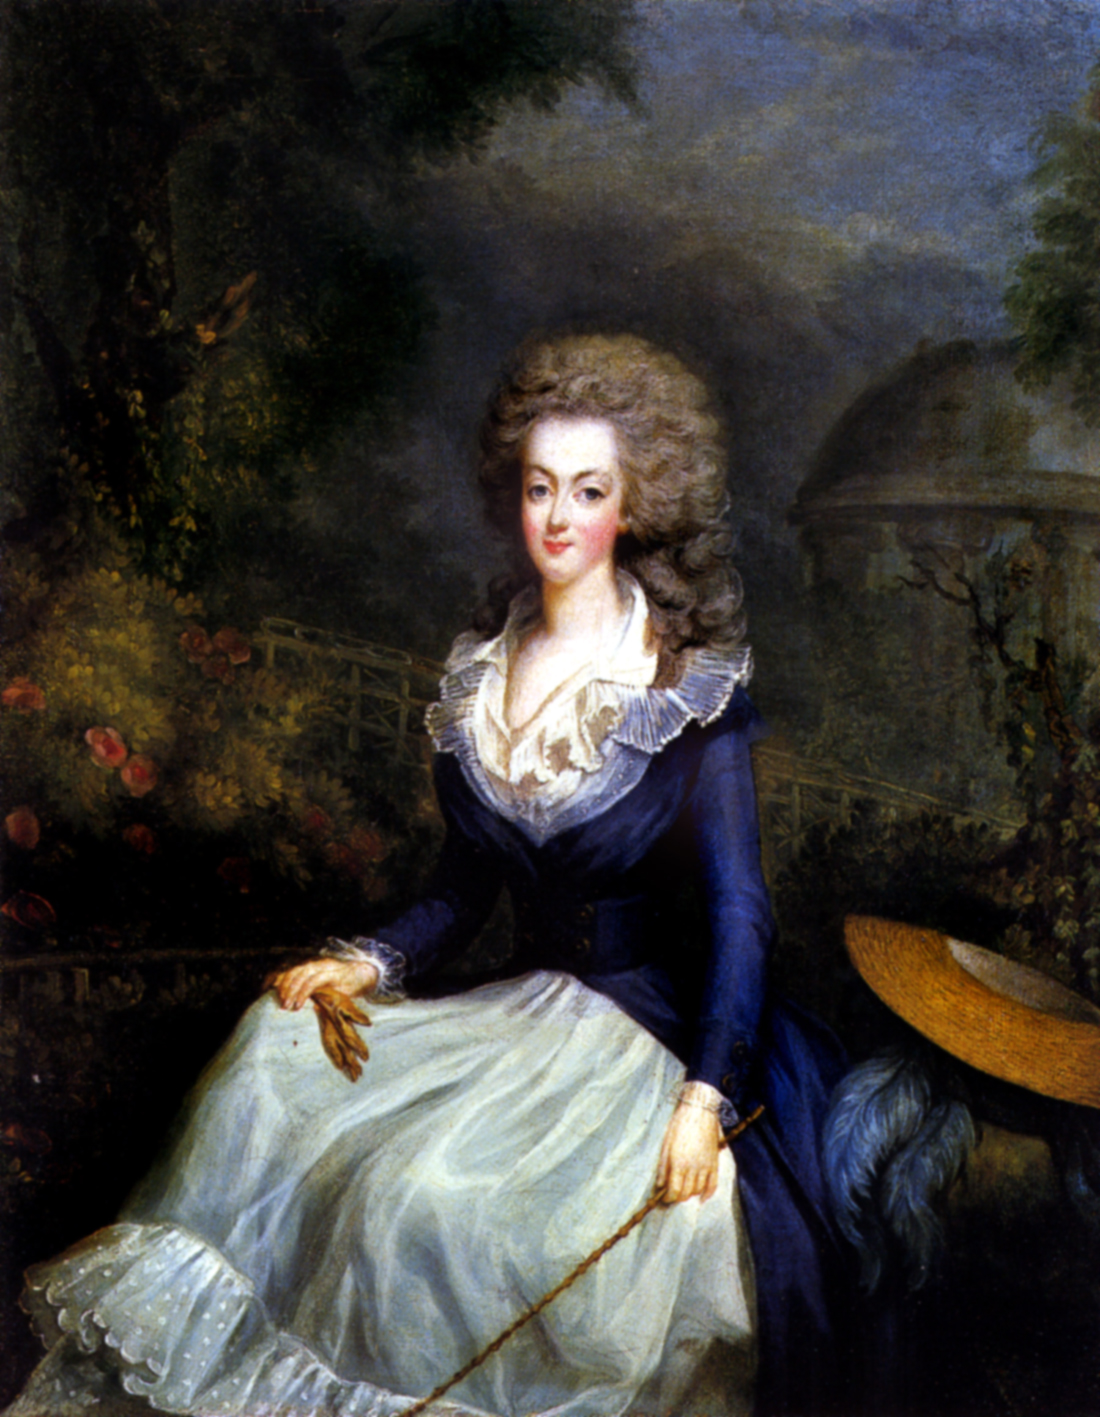 File:Marie Antoinette Adult3.jpg - Wikimedia Commons